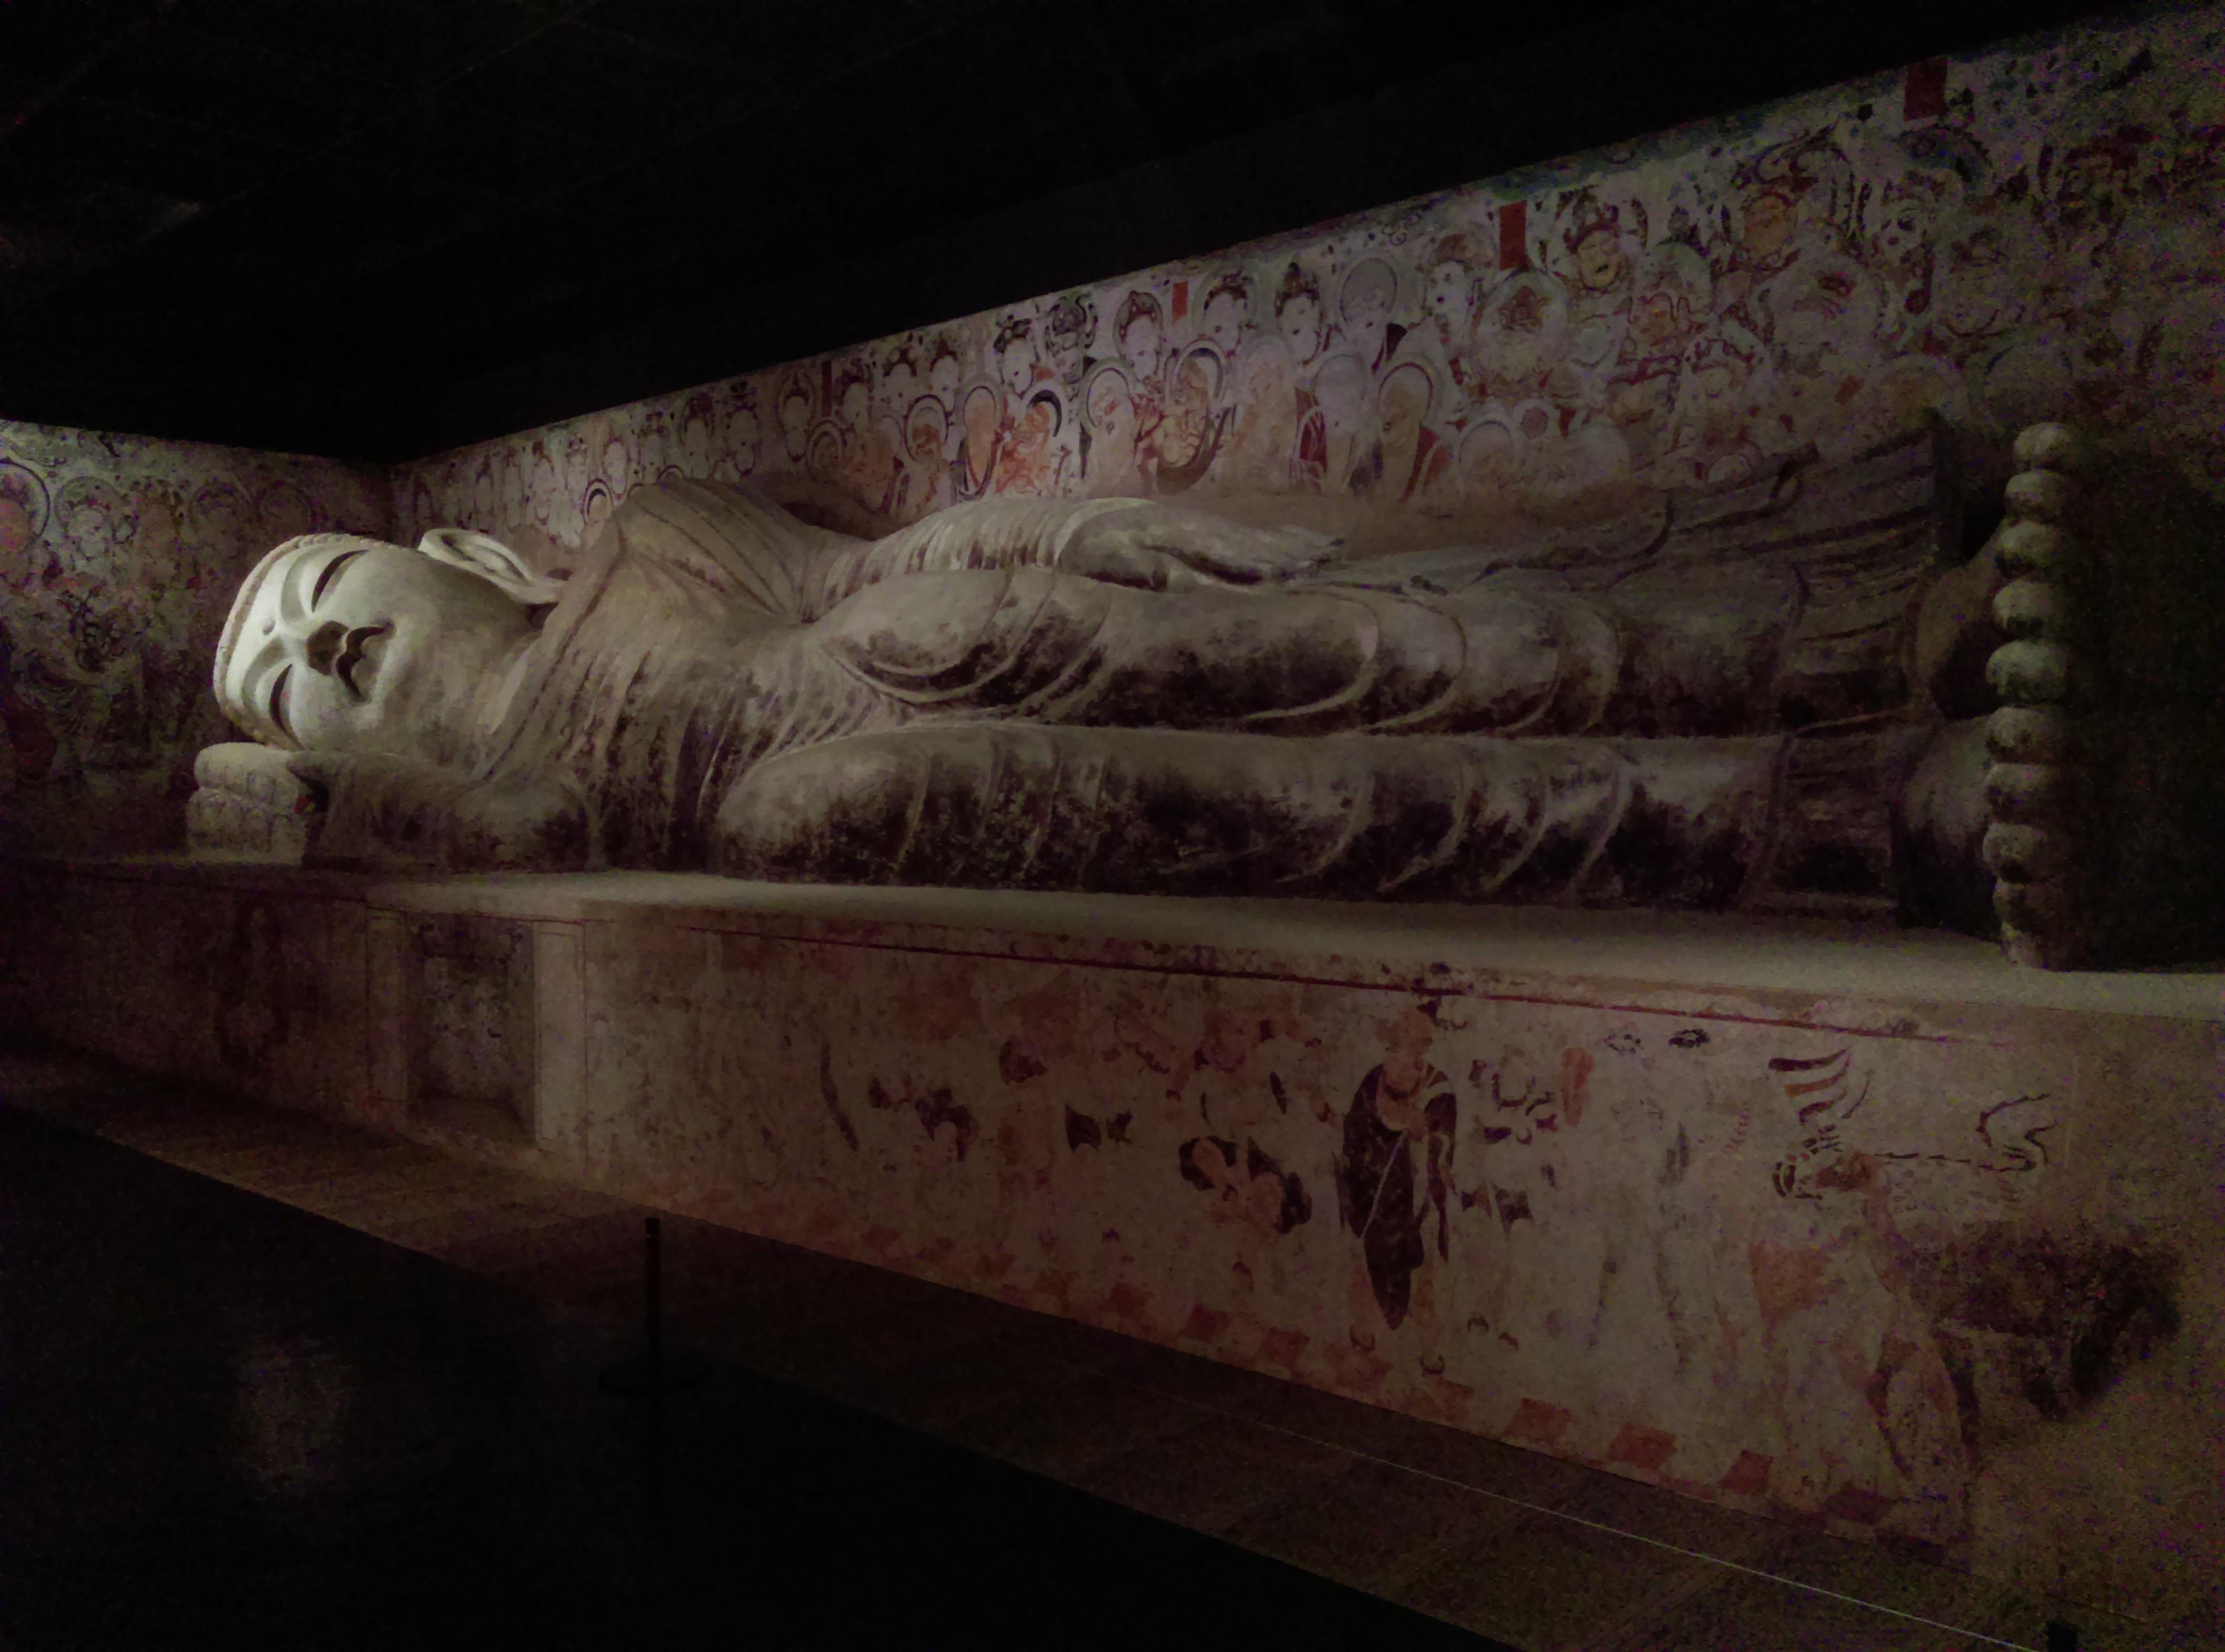 文化讚─《04》敦煌風華-談敦煌石窟背景與佛典故事《涅槃像》《維摩哲經變》